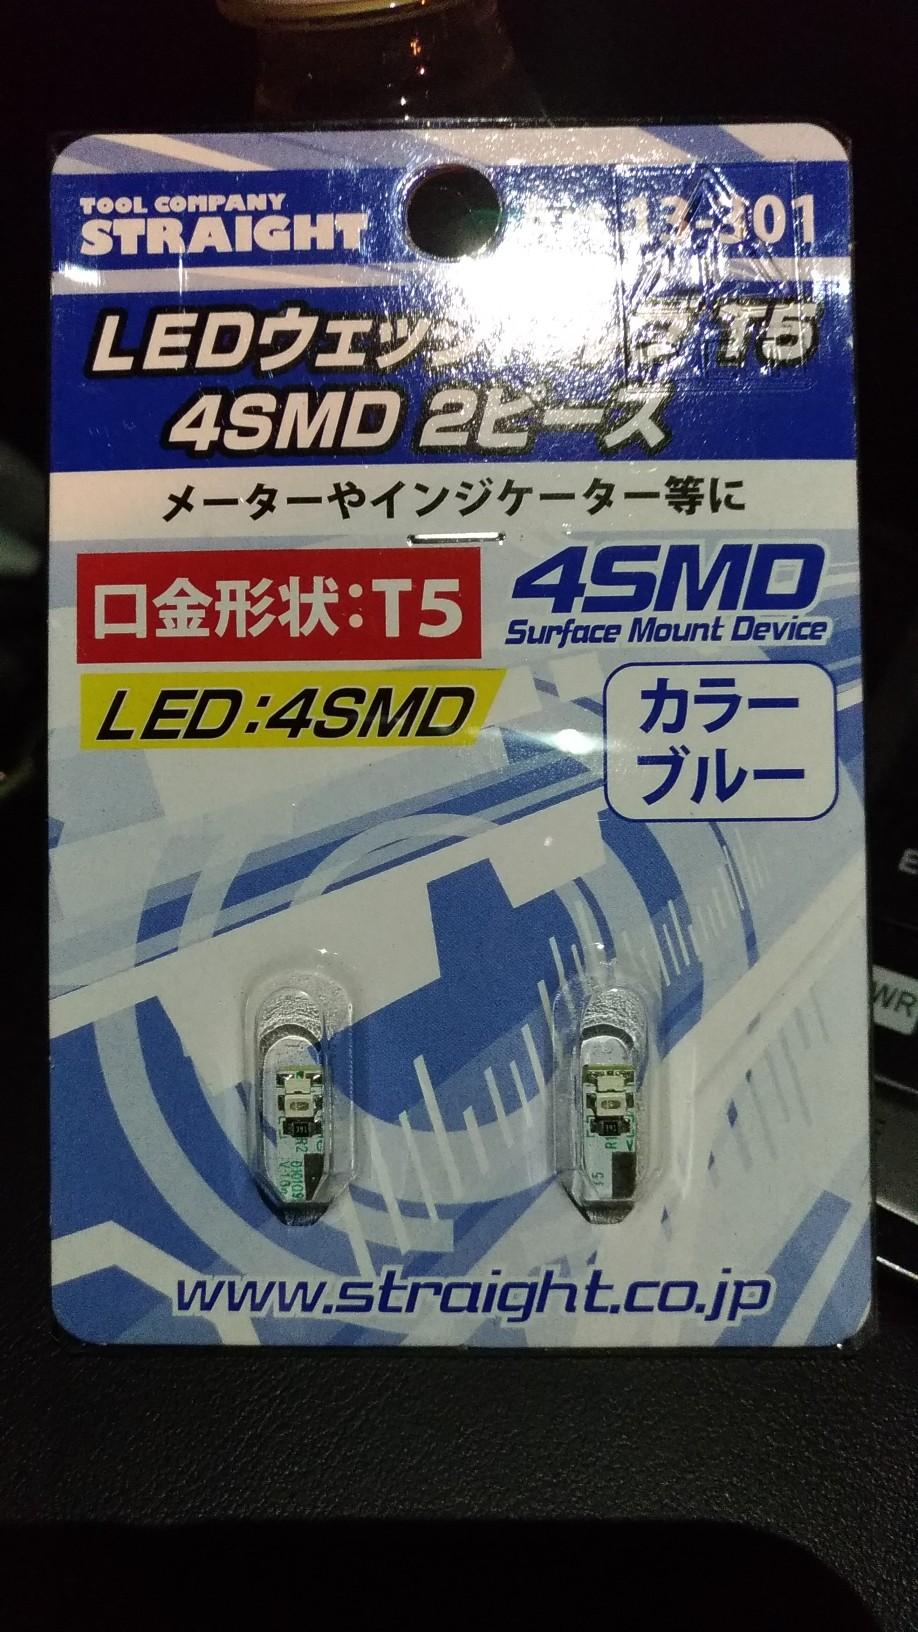 STRAIGHT / TOOL COMPANY STRAIGHT LEDウェッジバルブ T5 4SMD 2ピース